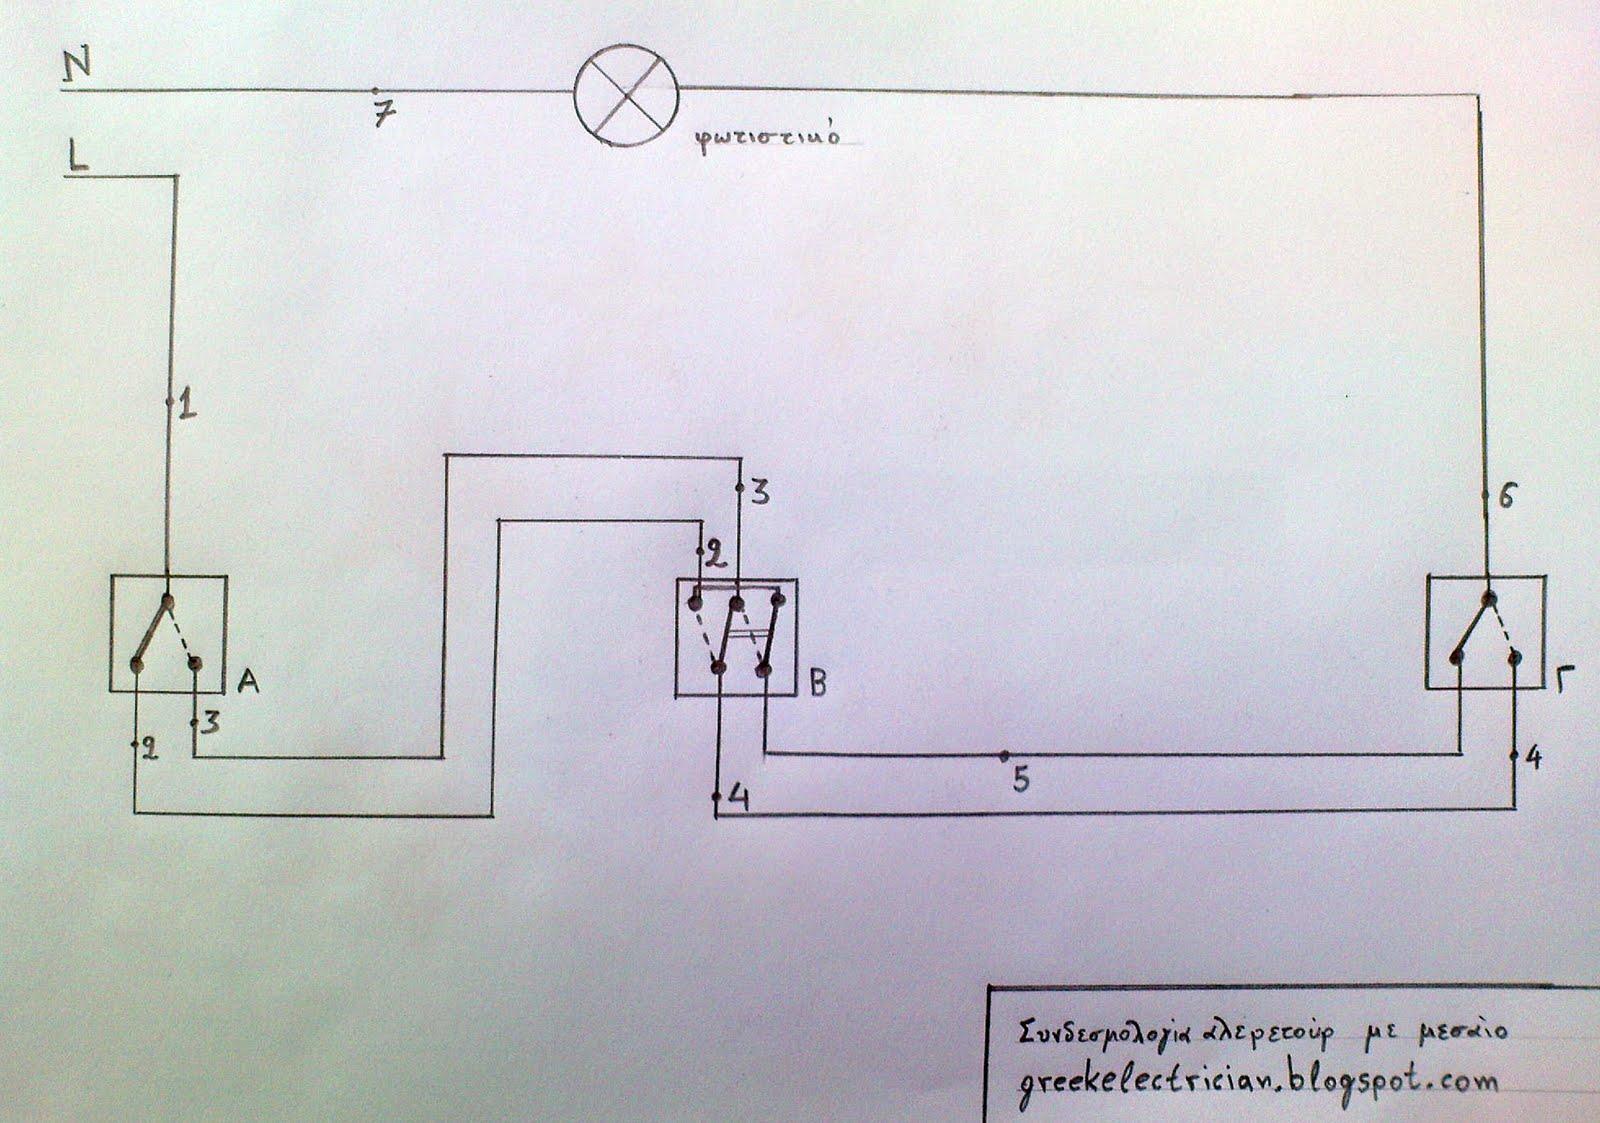 Πώς να συνδέσετε ένα διακόπτη φωτισμού